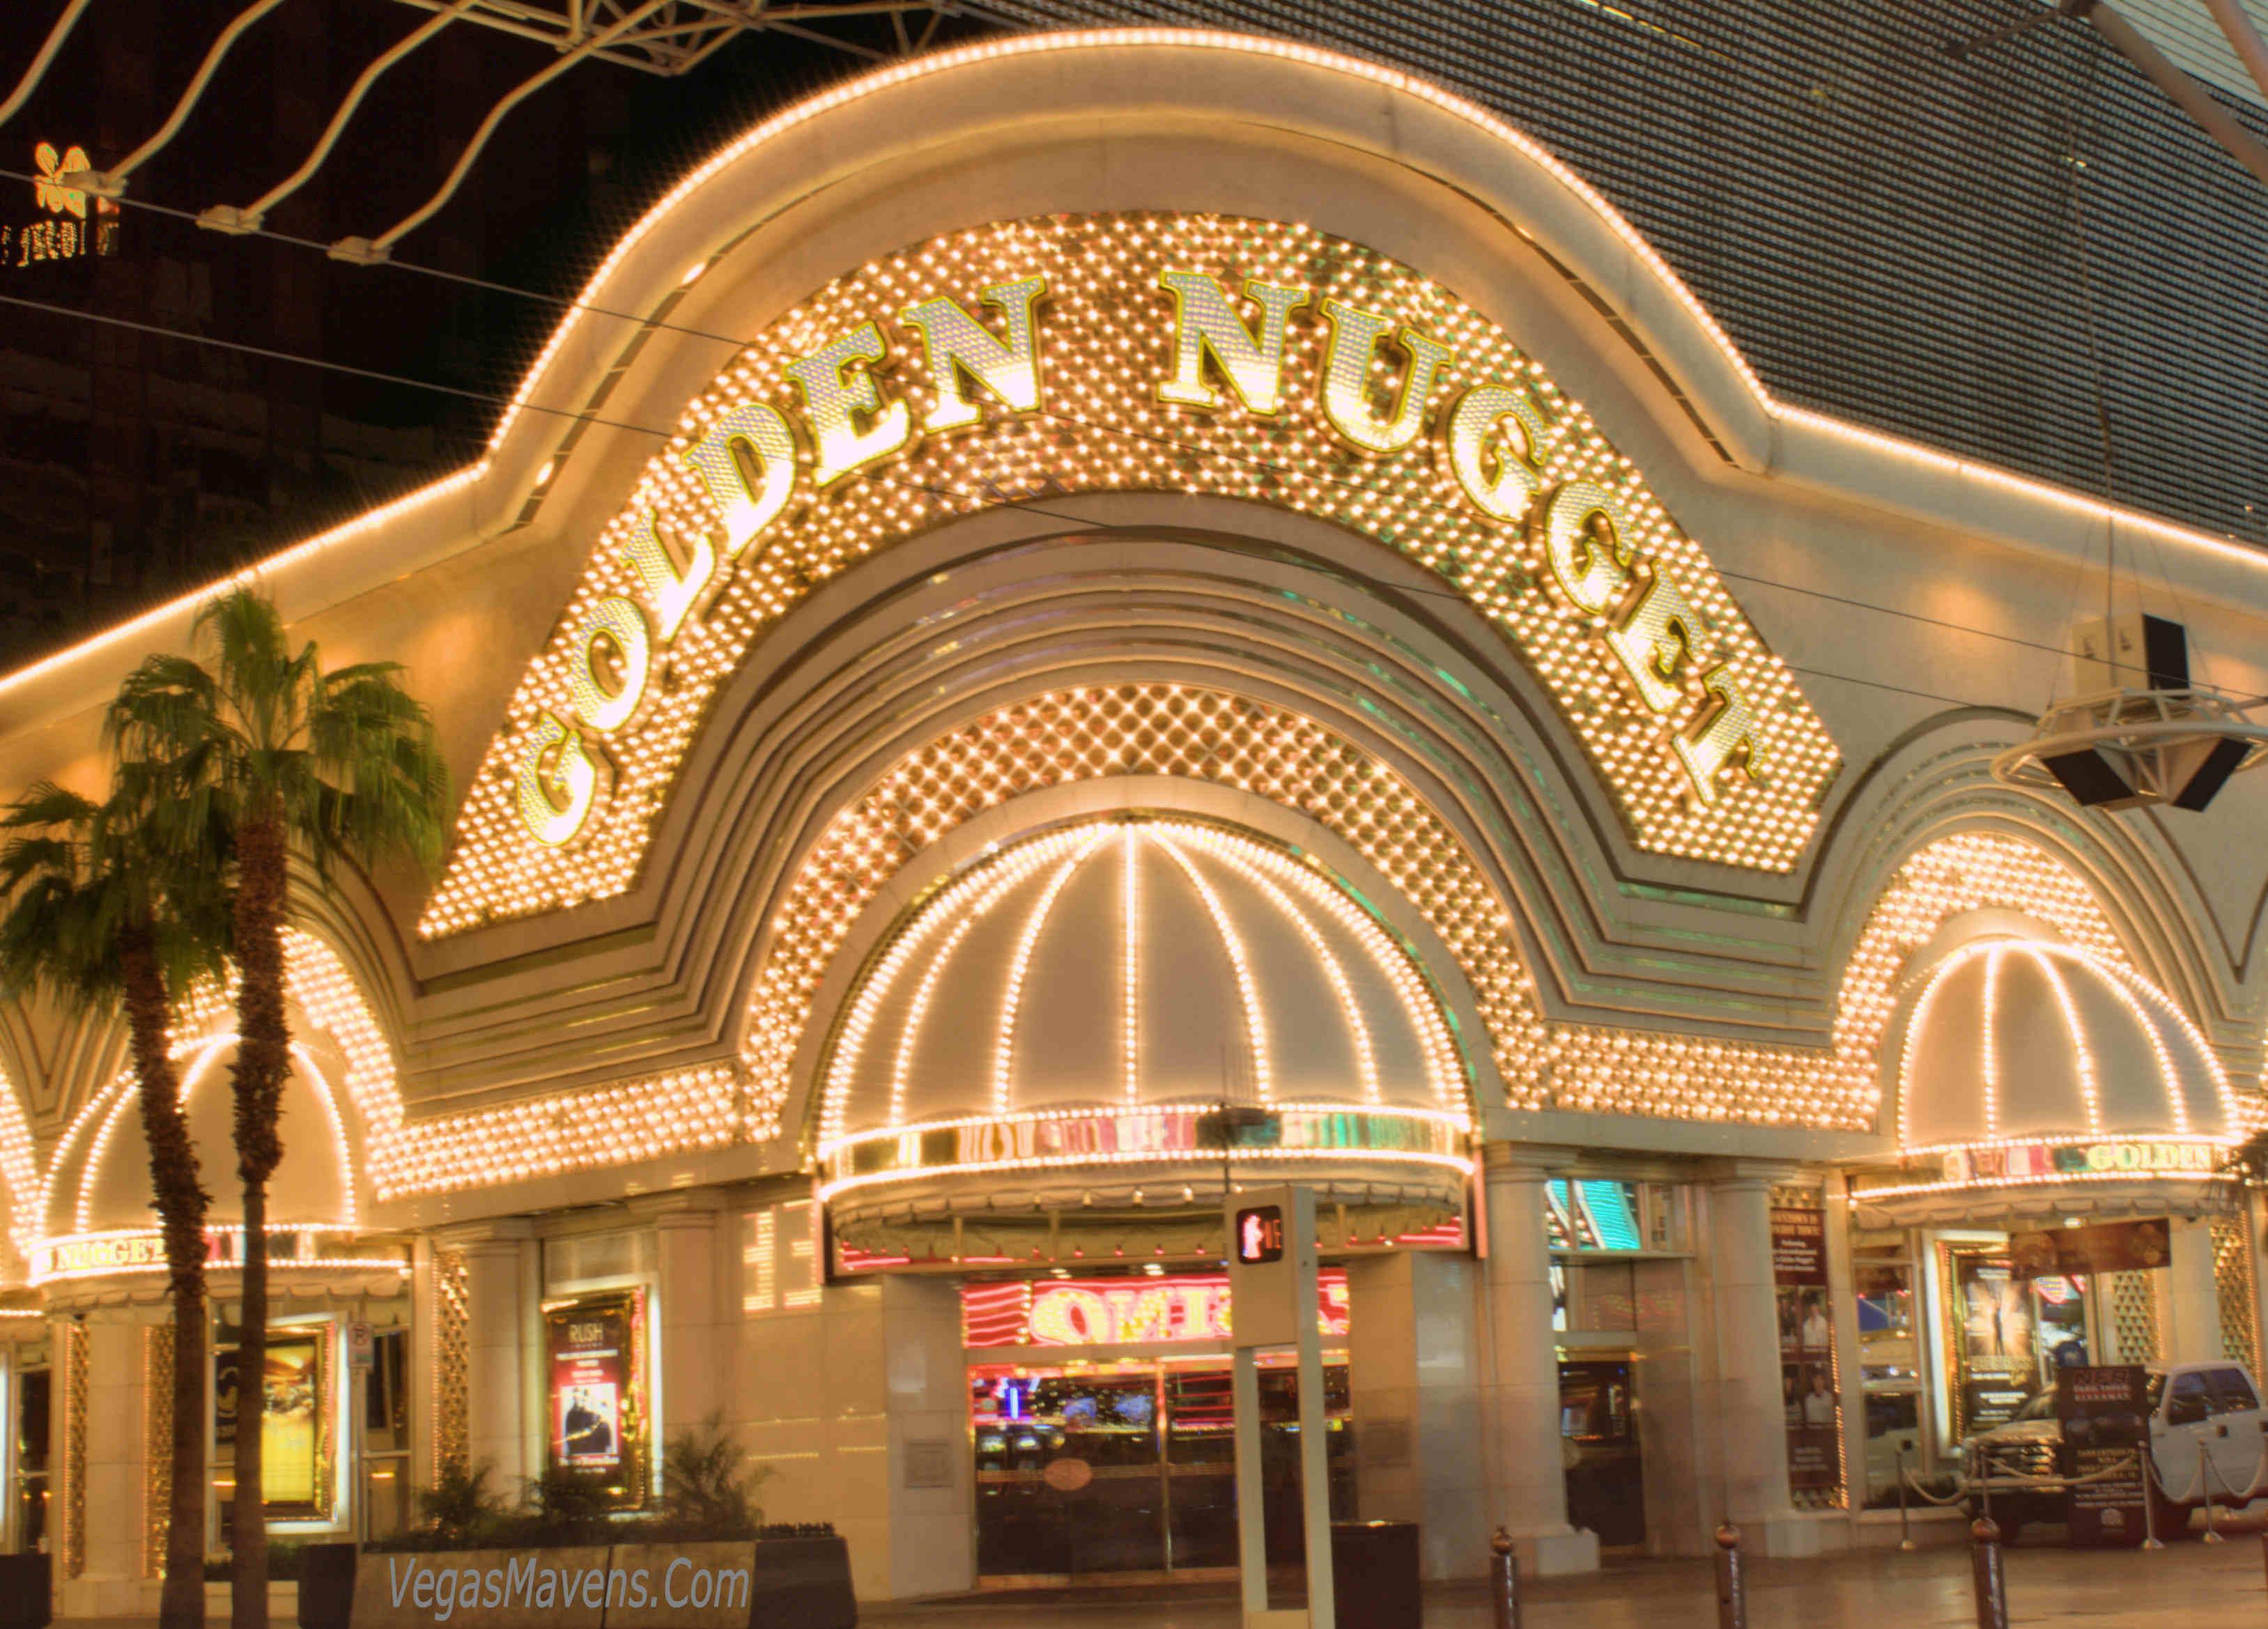 Golden Nugget Casinos Launches Enhanced Loyalty Program - No Vacancy